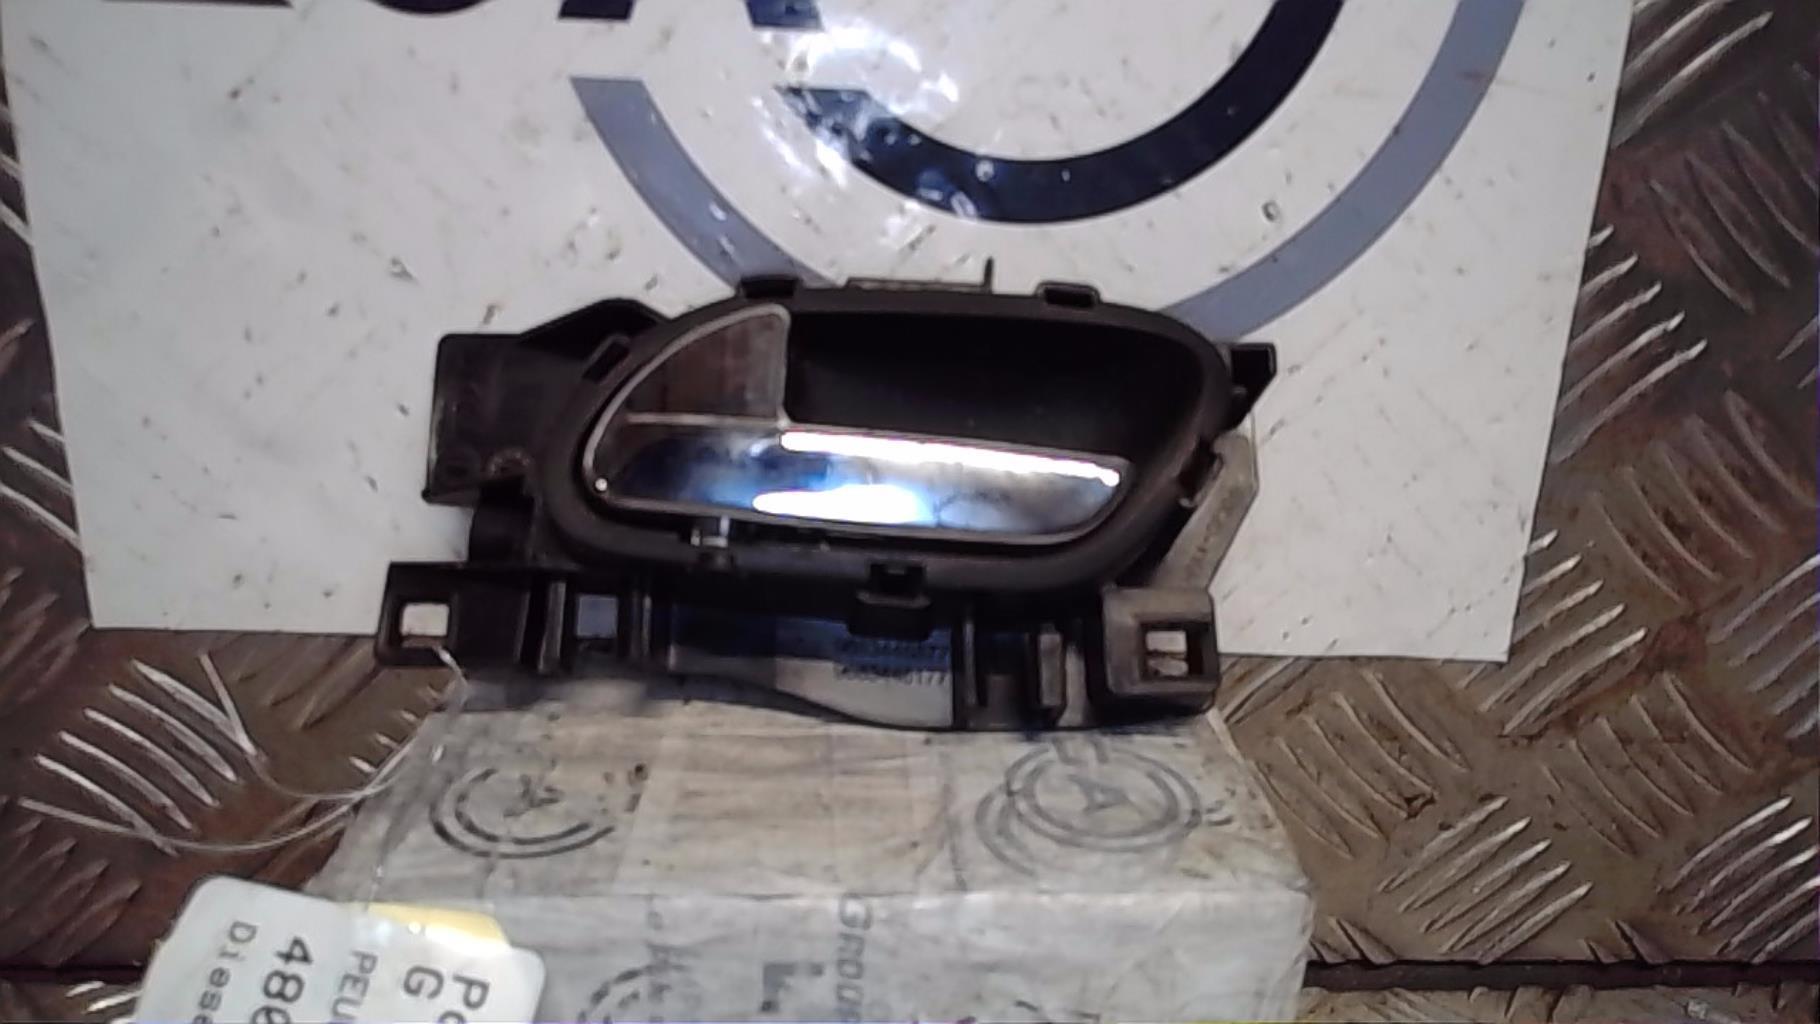 Poignee interieur avant gauche PEUGEOT 3008 PHASE 1 Diesel